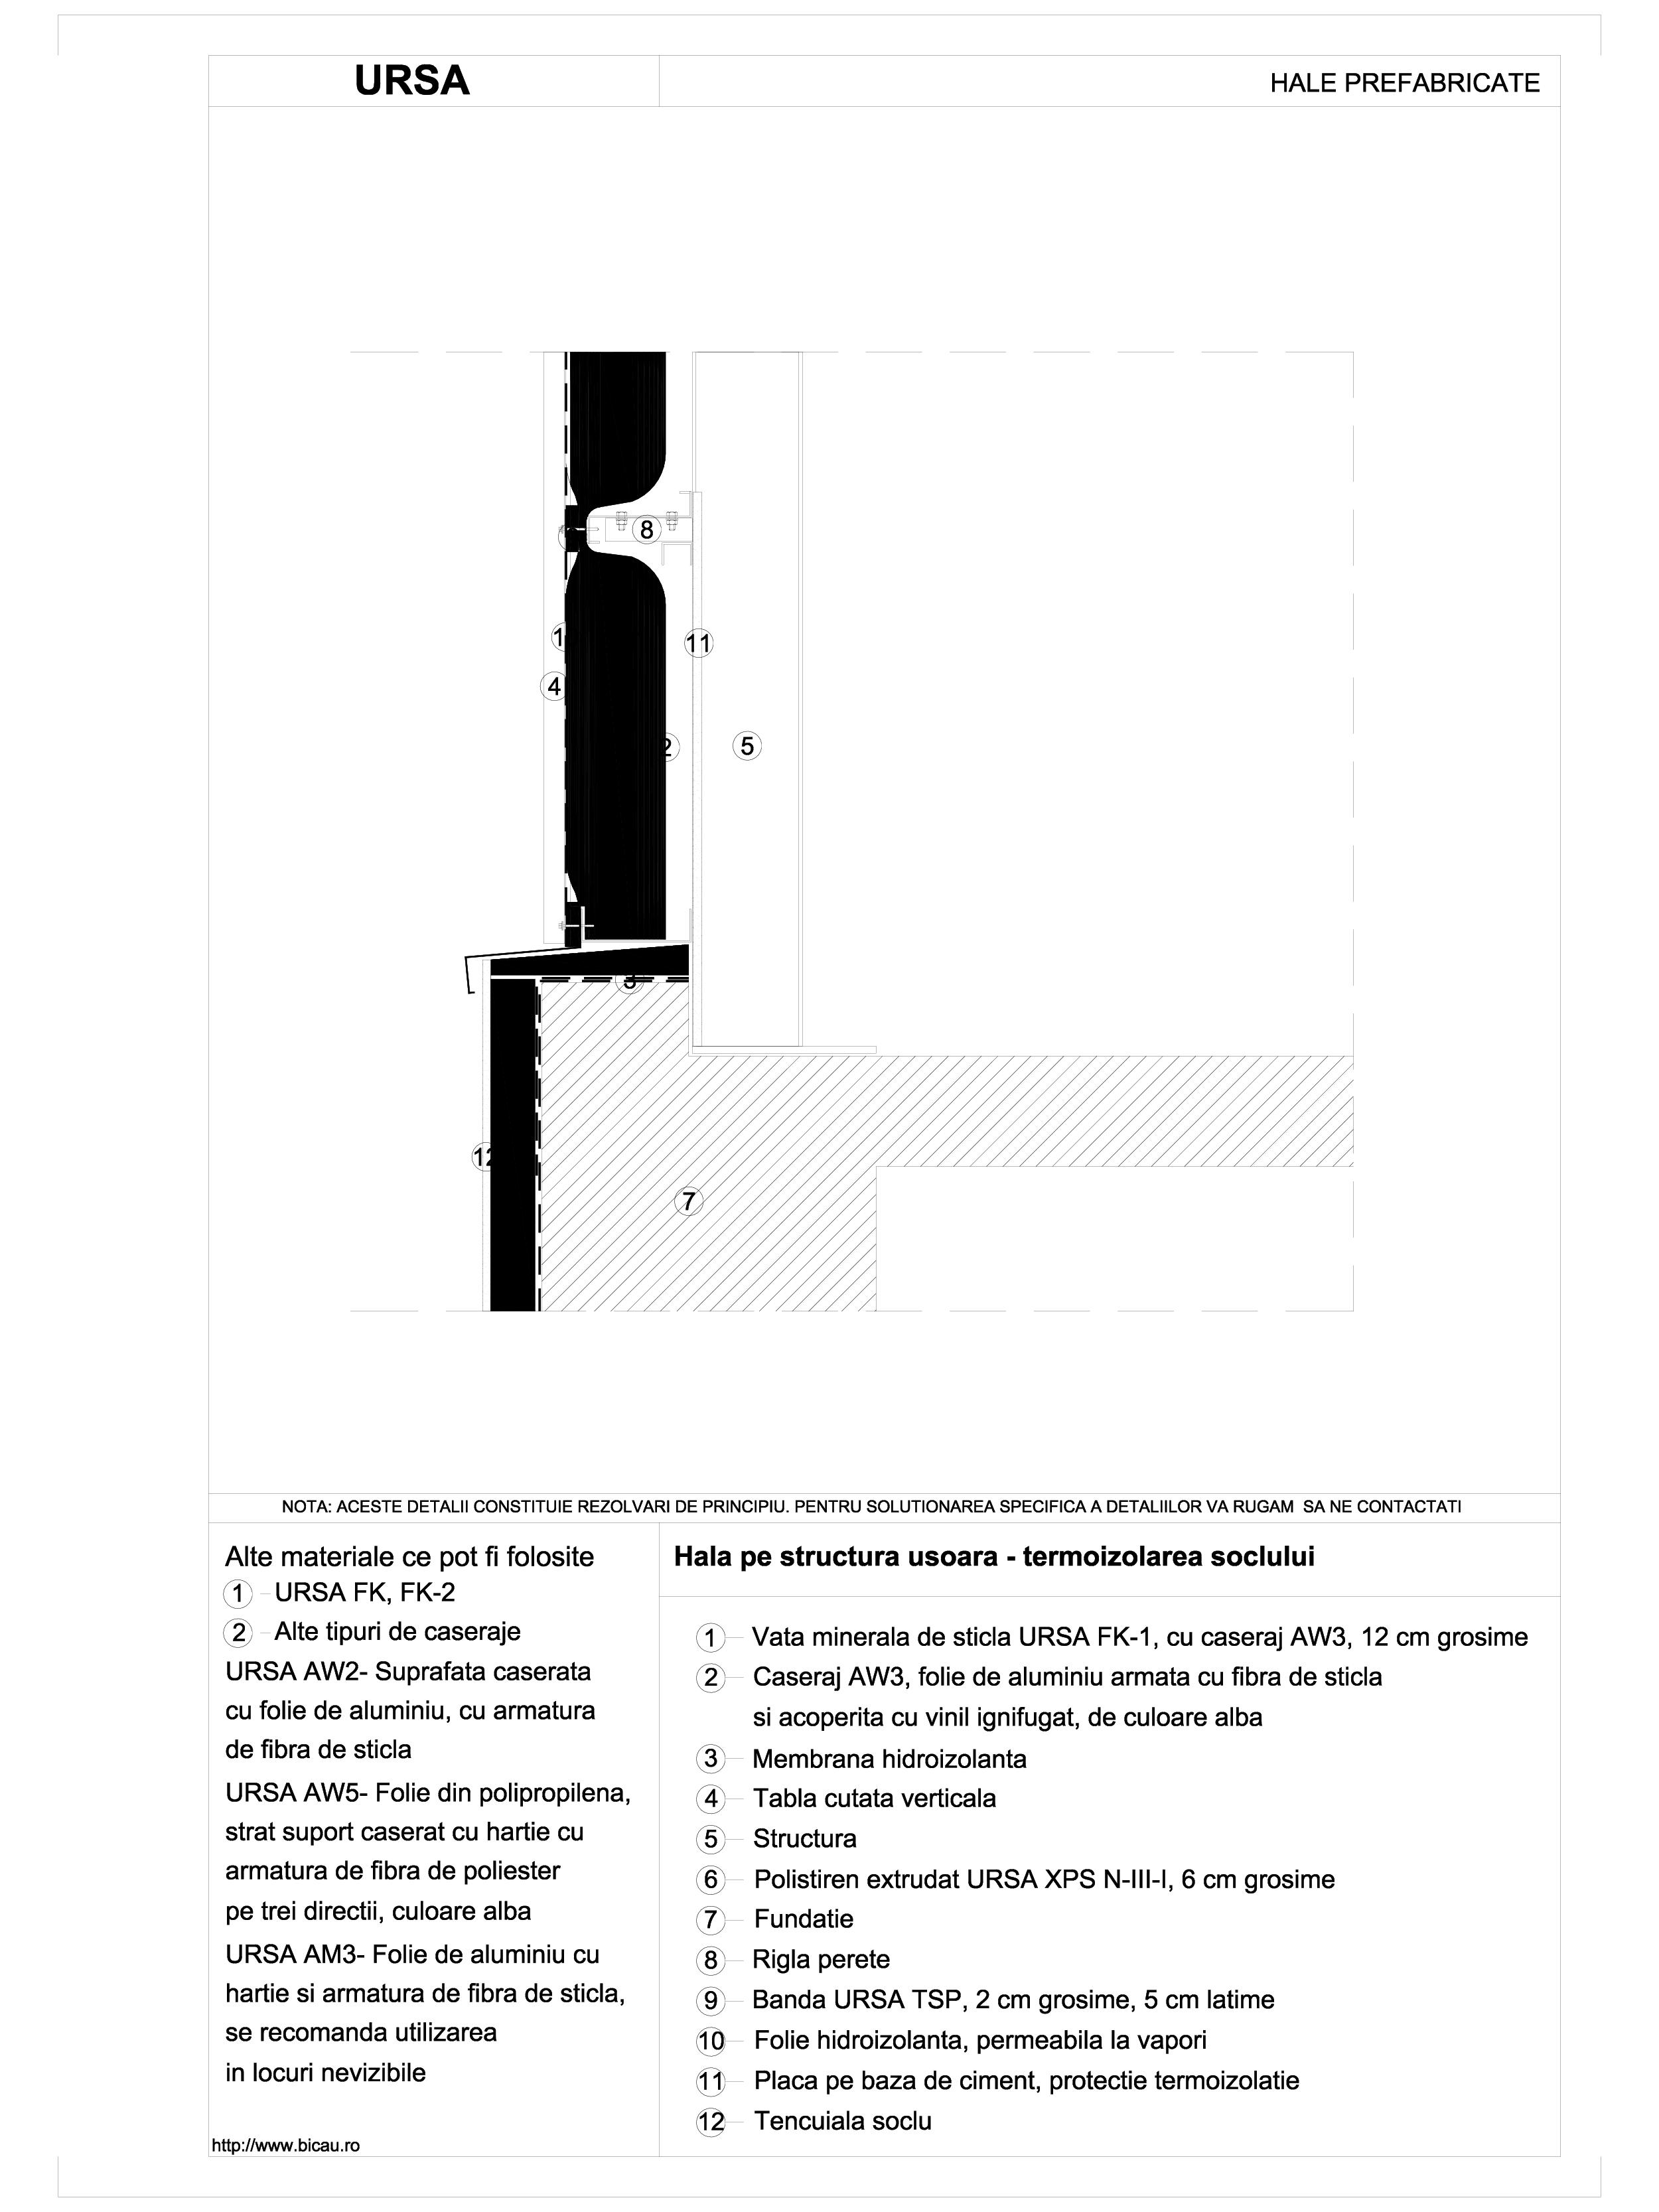 Hala pe structura usoara - termoizolarea soclului URSA Vata minerala pentru fatade neventilate si hale prefabricate URSA ROMANIA   - Pagina 1